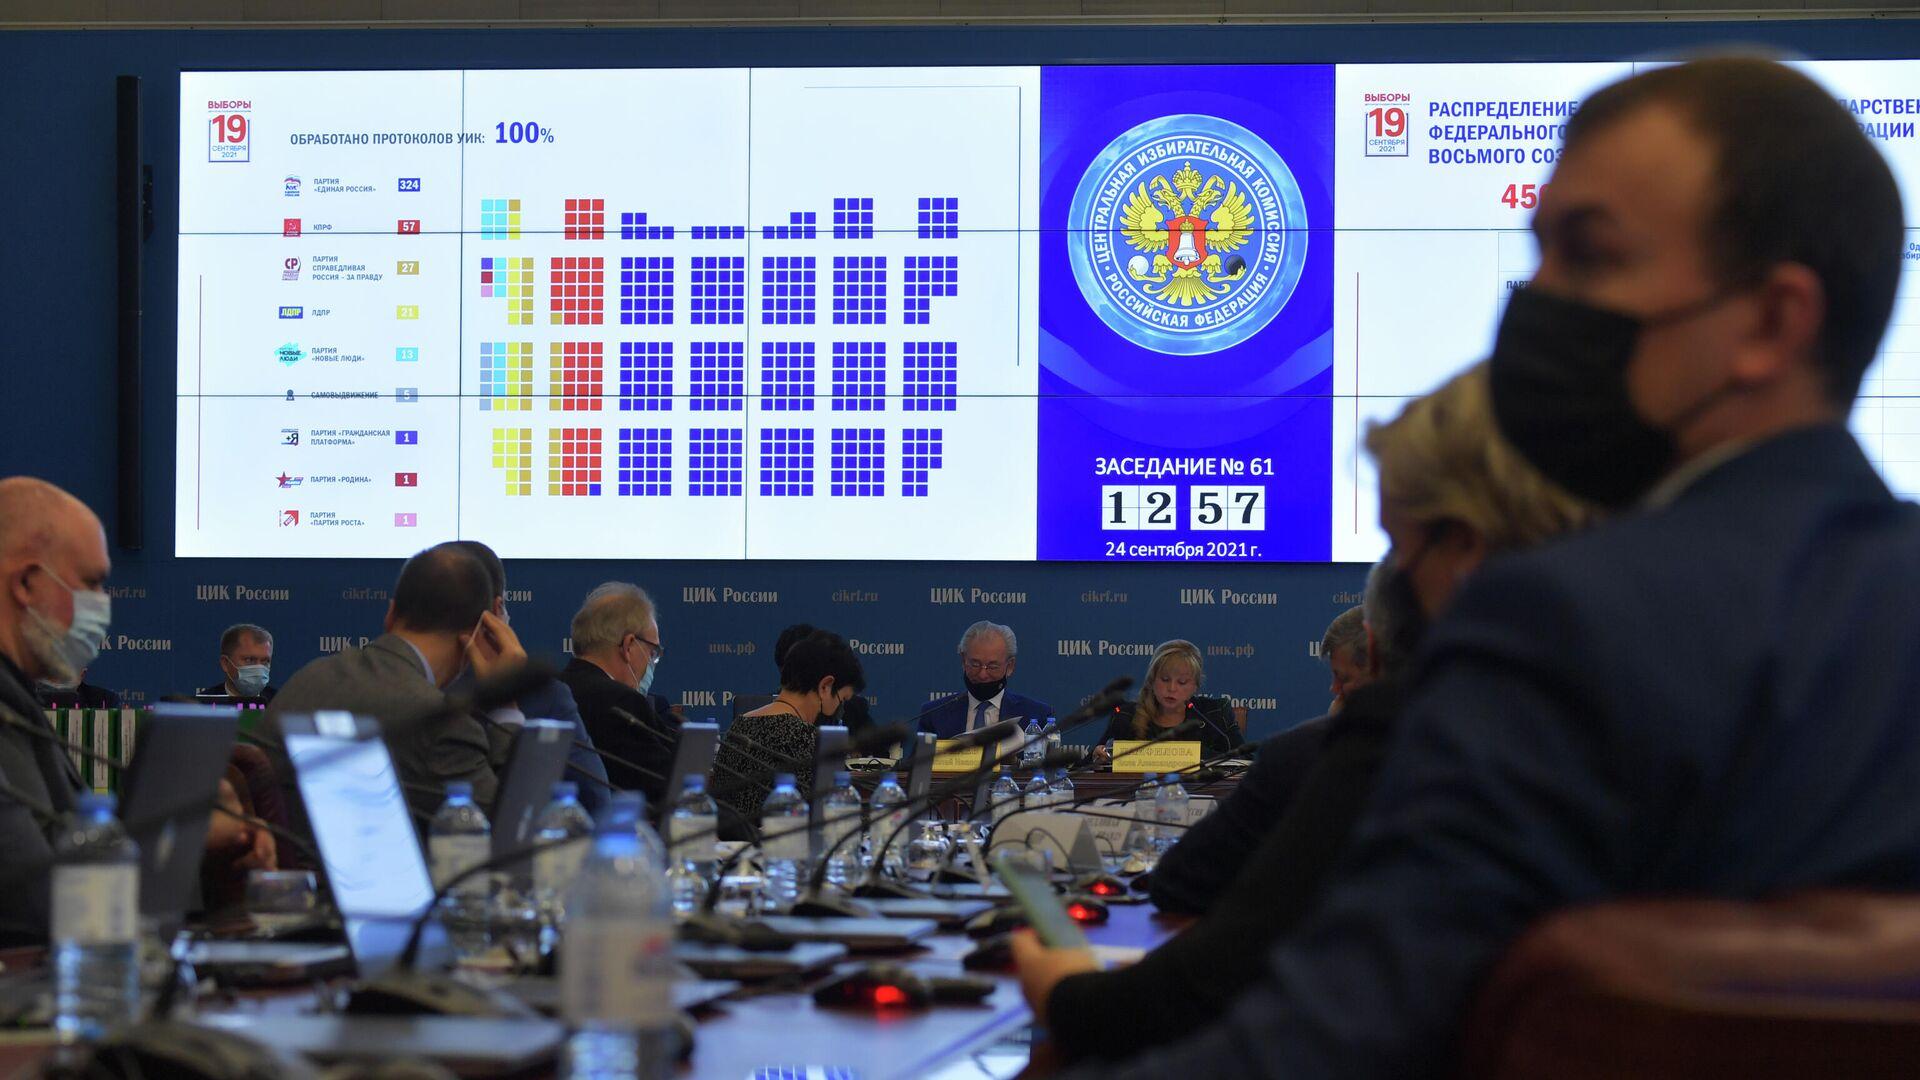 Экран в Центральной избирательной комиссии РФ с результатами выборов в Государственную Думу  - РИА Новости, 1920, 06.10.2021